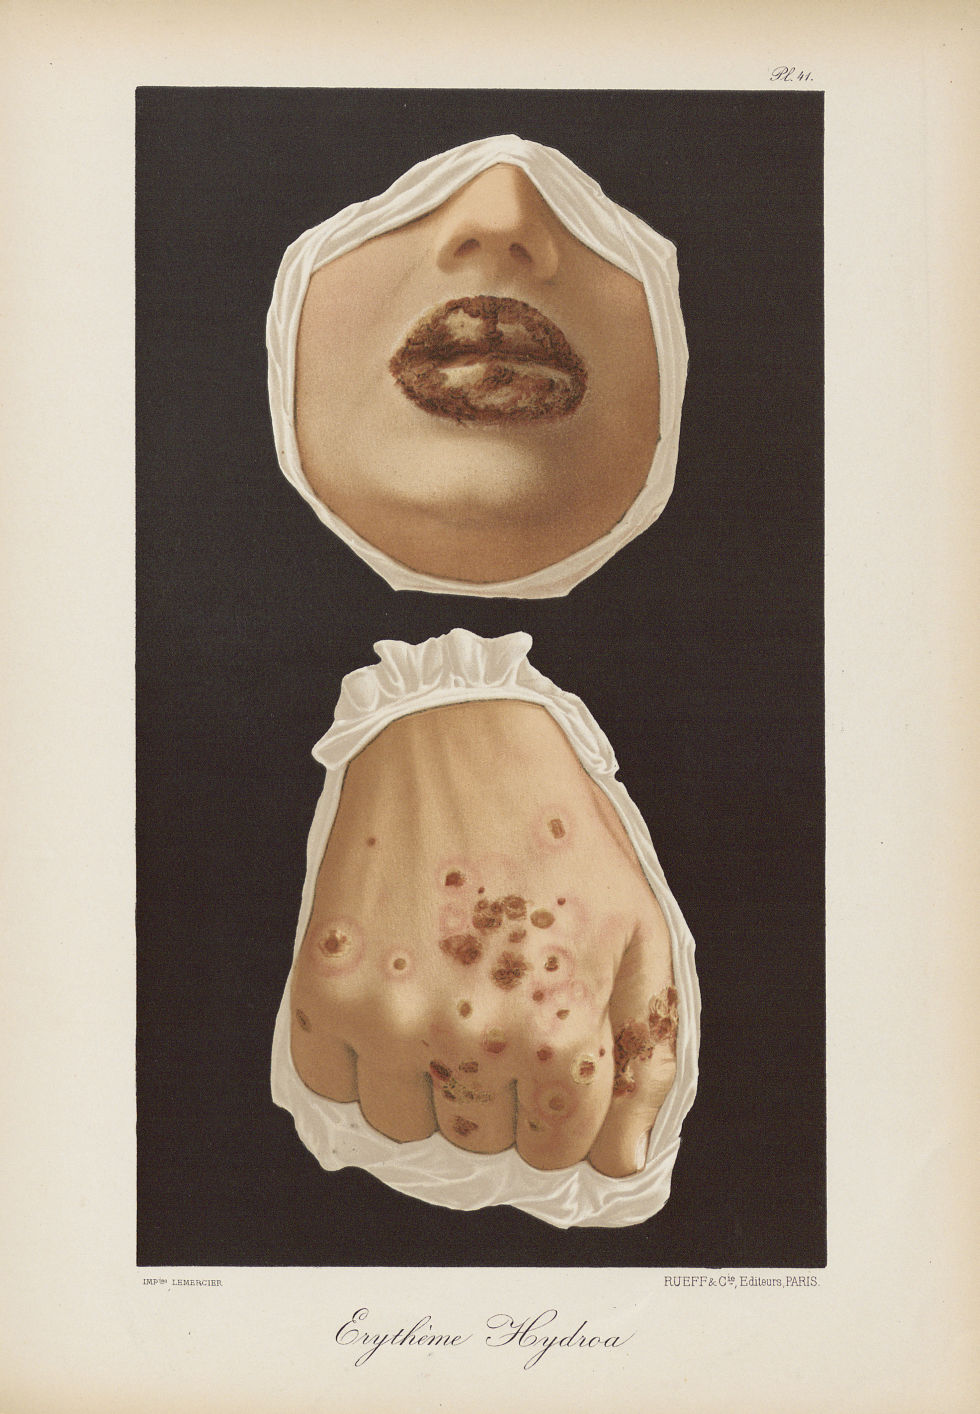 Erythème hydroa - Le musée de l'hôpital Saint-Louis : iconographie des maladies cutanées et syphilit [...] - Dermatologie (peau). Visages (têtes). Mains. 19e siècle (France) - med01740x0325